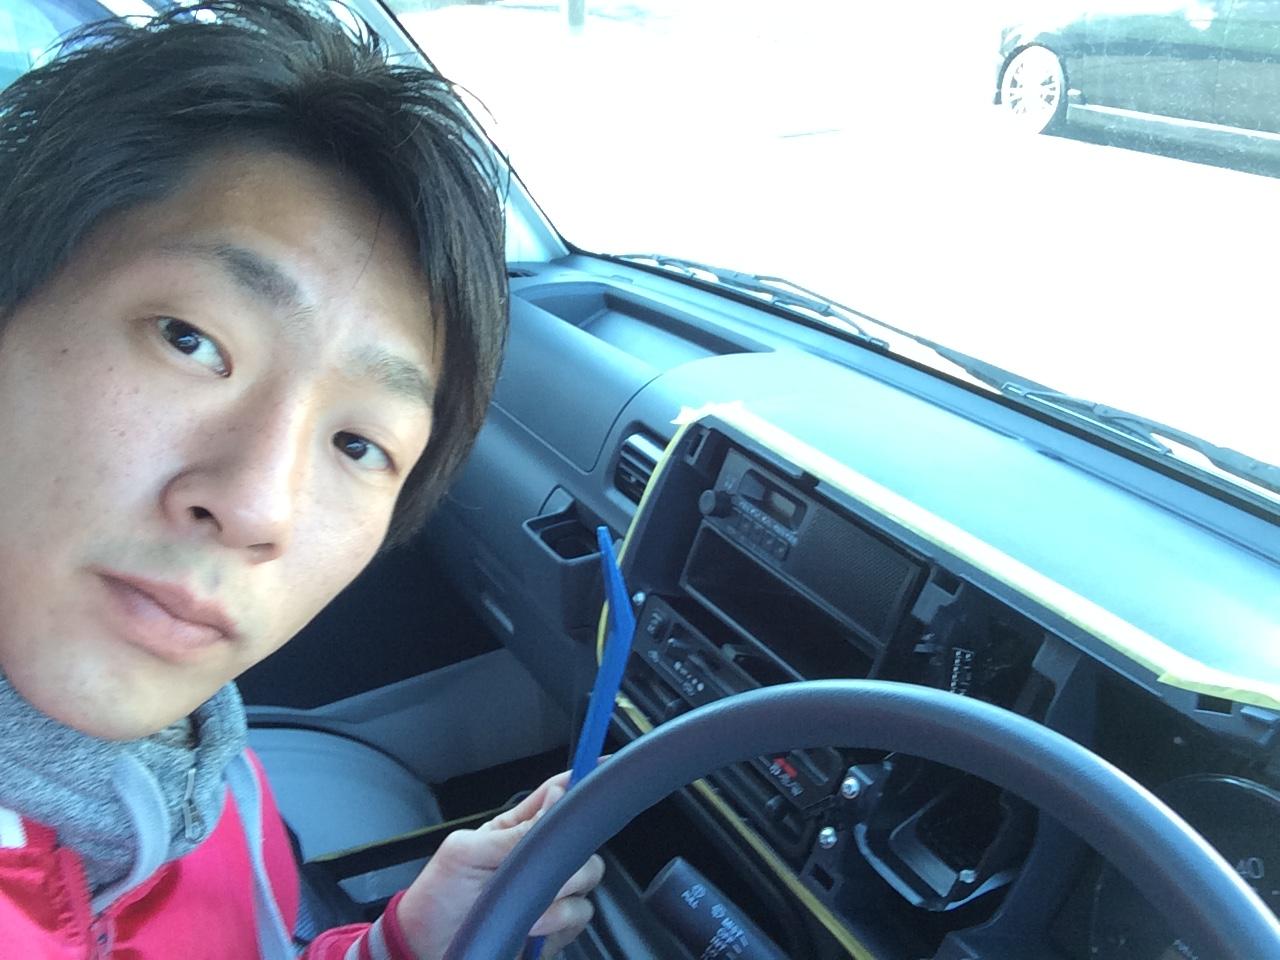 ノア・ヴォクシー・タント・ラパン・ライフ・軽自動車・店長クマブログ_b0127002_1863271.jpg